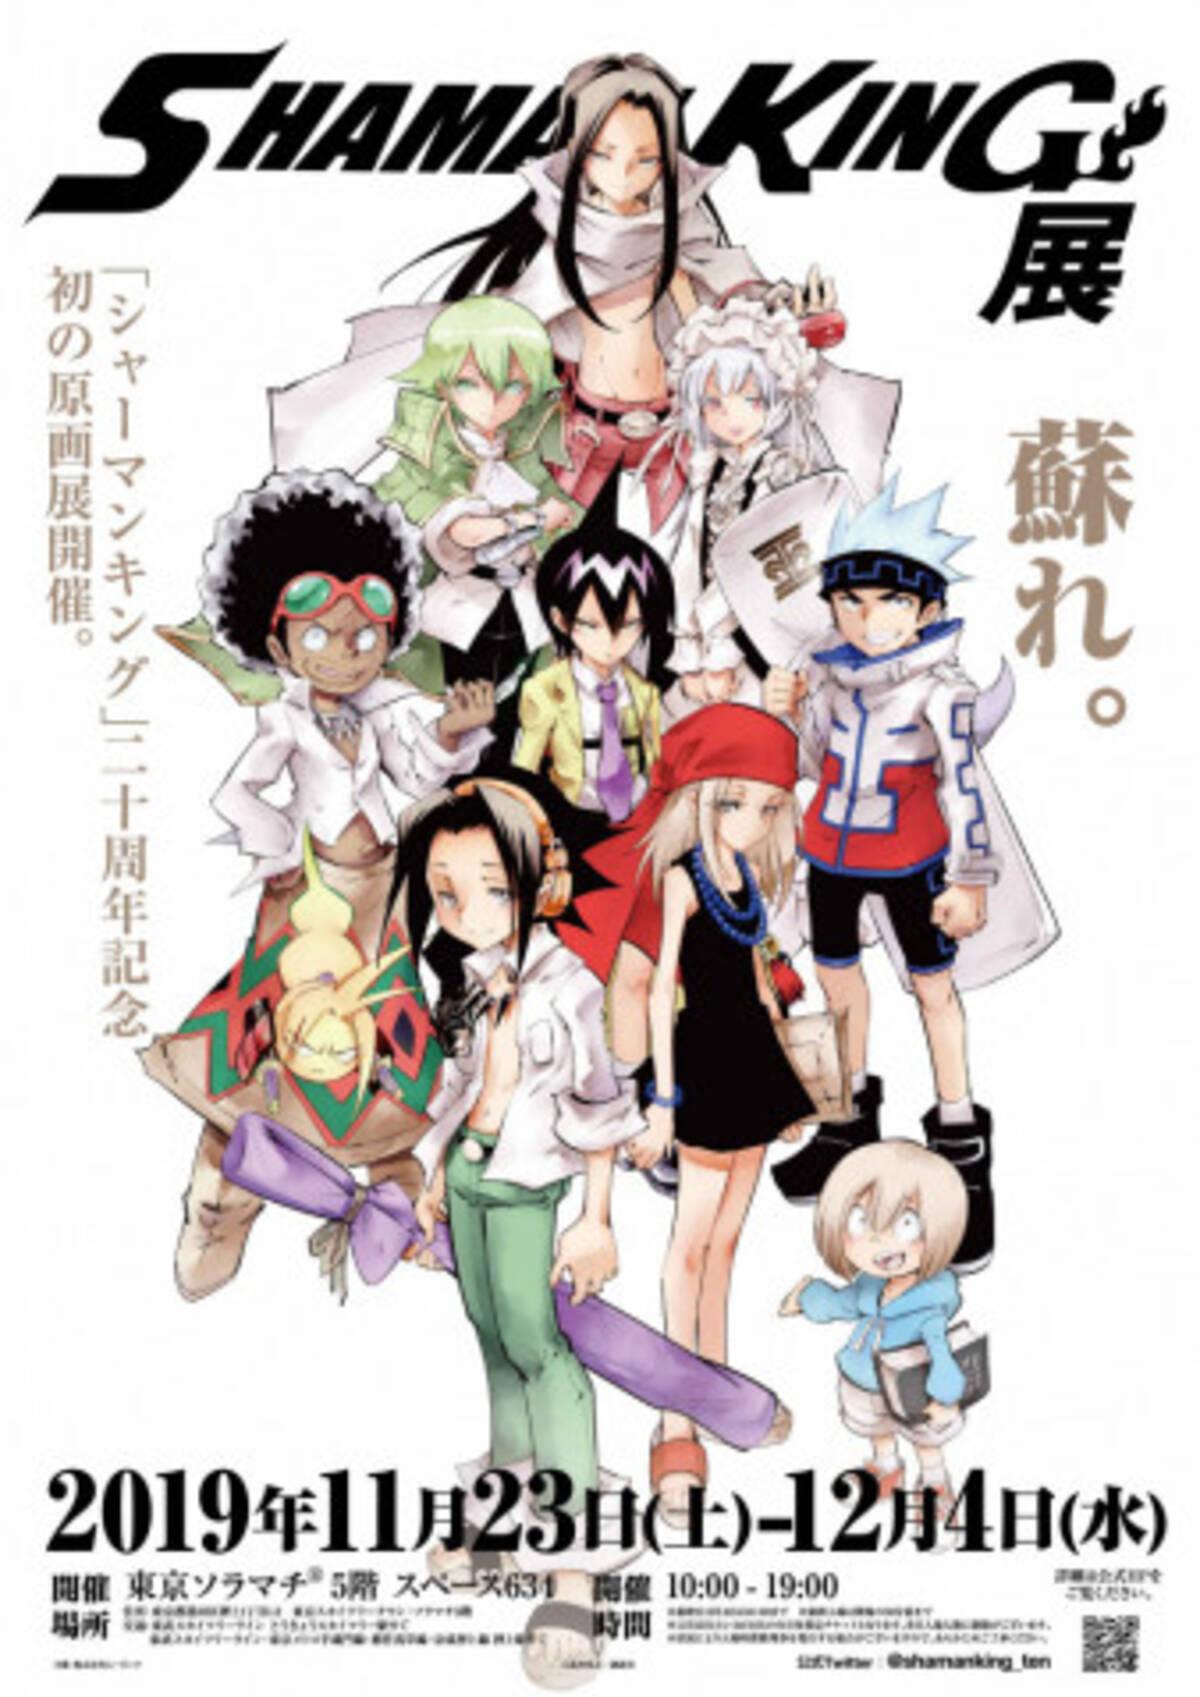 シャーマンキング展 が東京 大阪 青森で開催 武井宏之描き下ろし